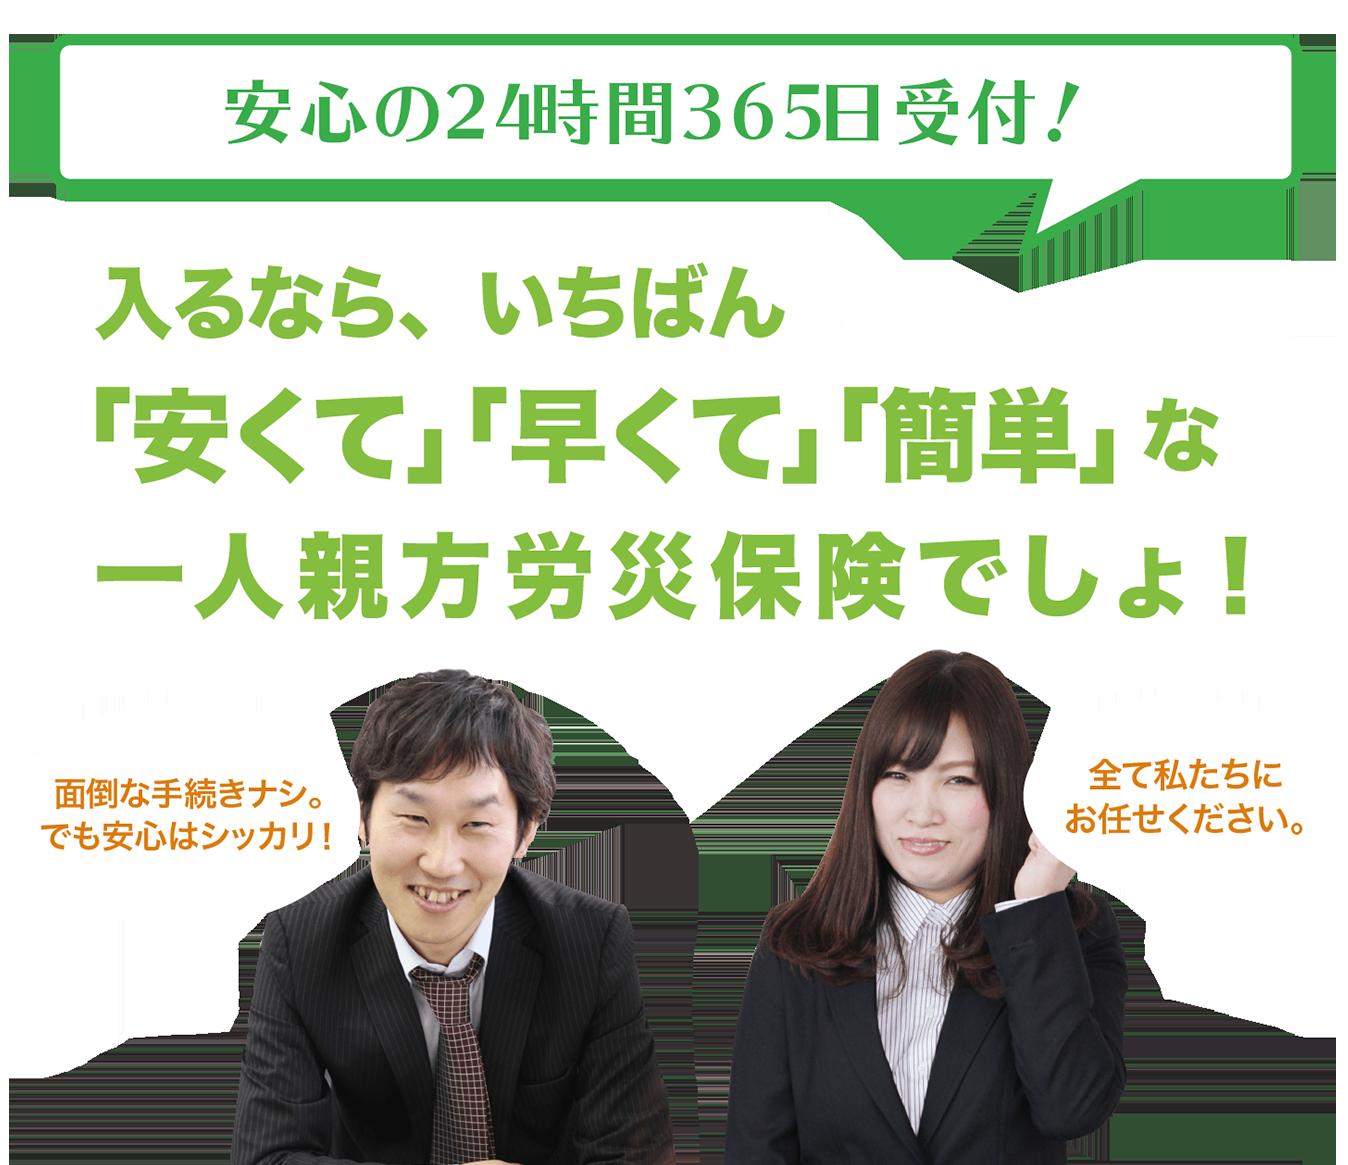 労働 監督 署 北 横浜 基準